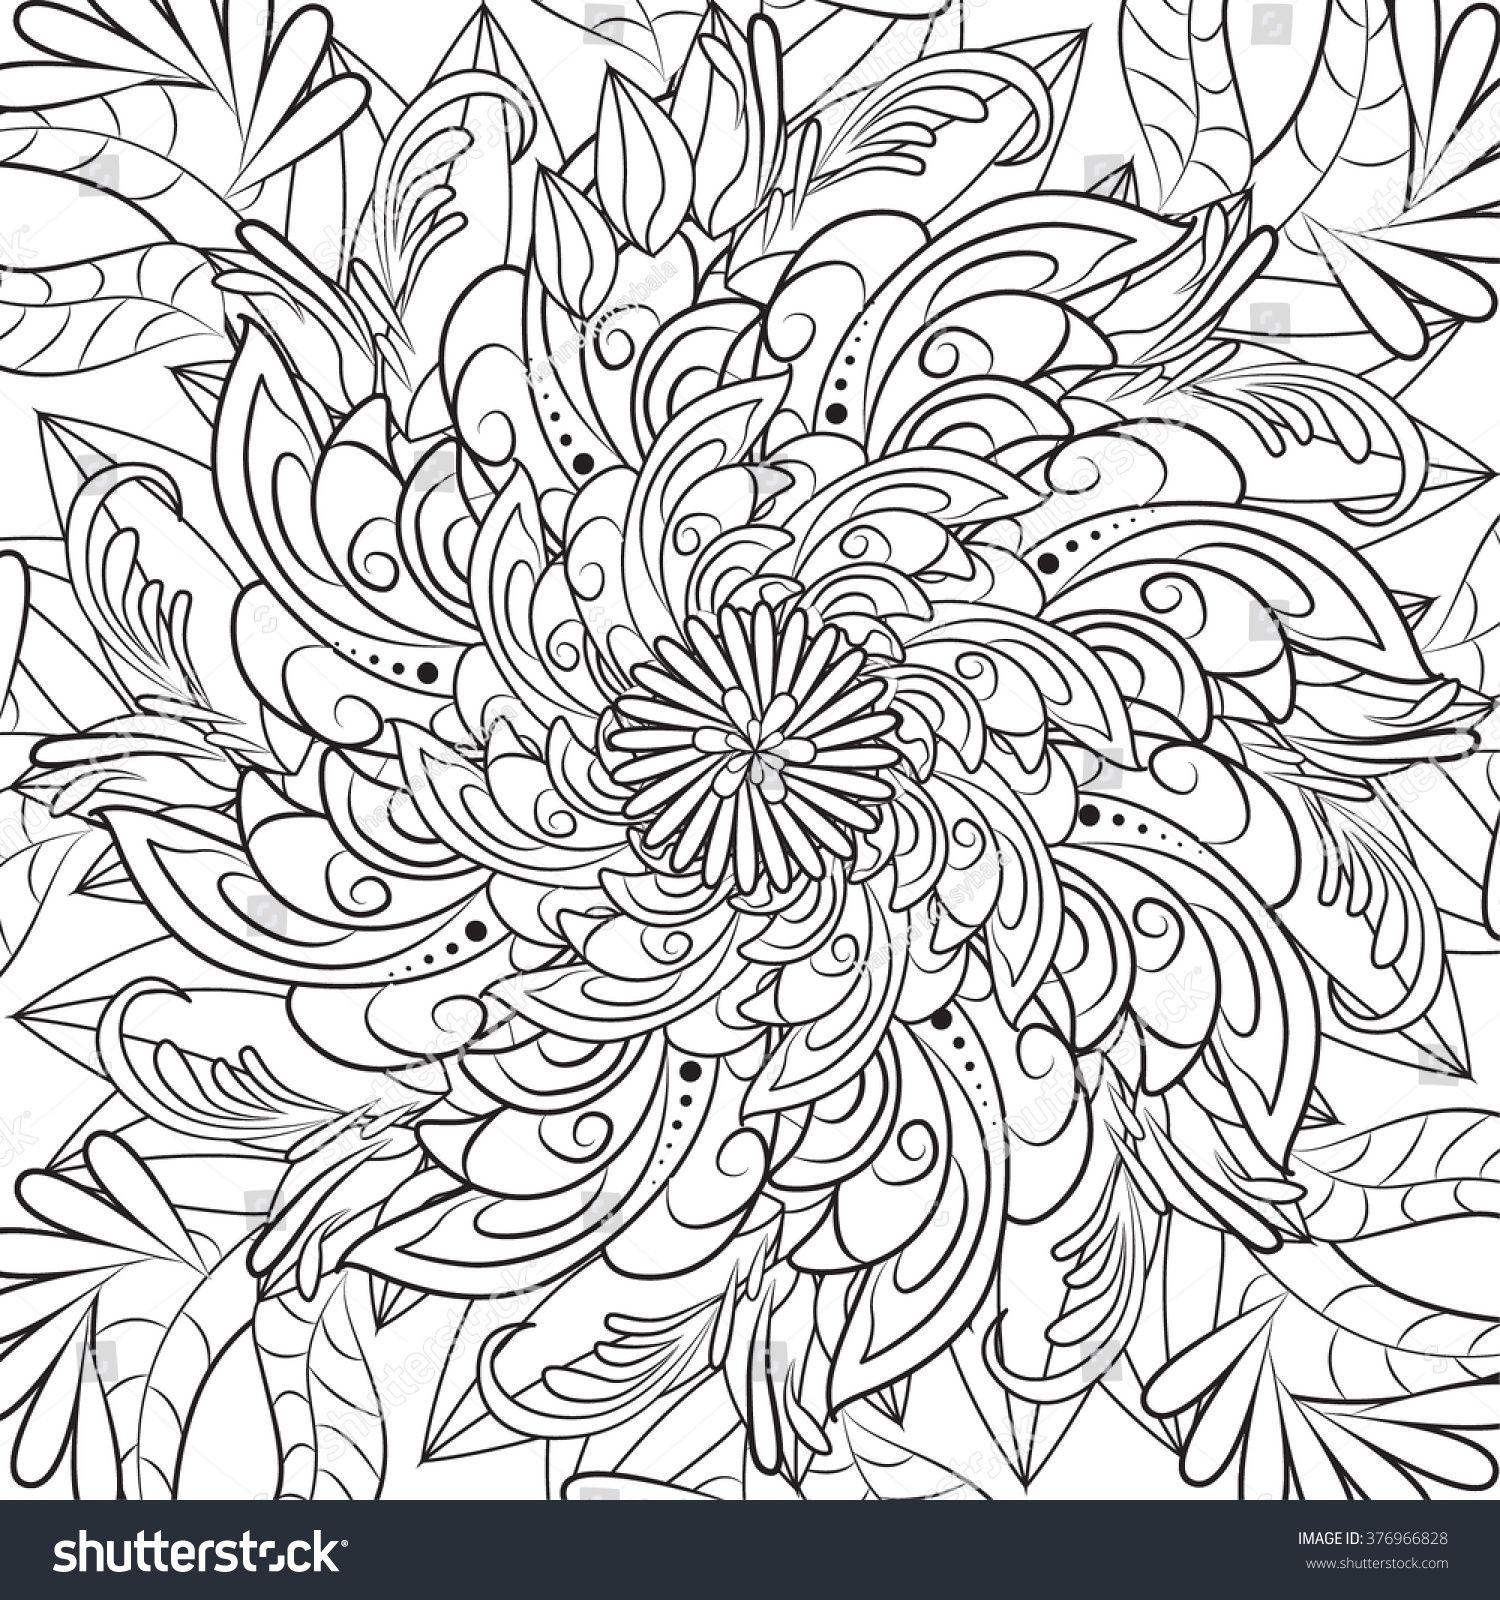 Pin de arnoldo macko en para grabar | Pinterest | Mandalas, Colorear ...